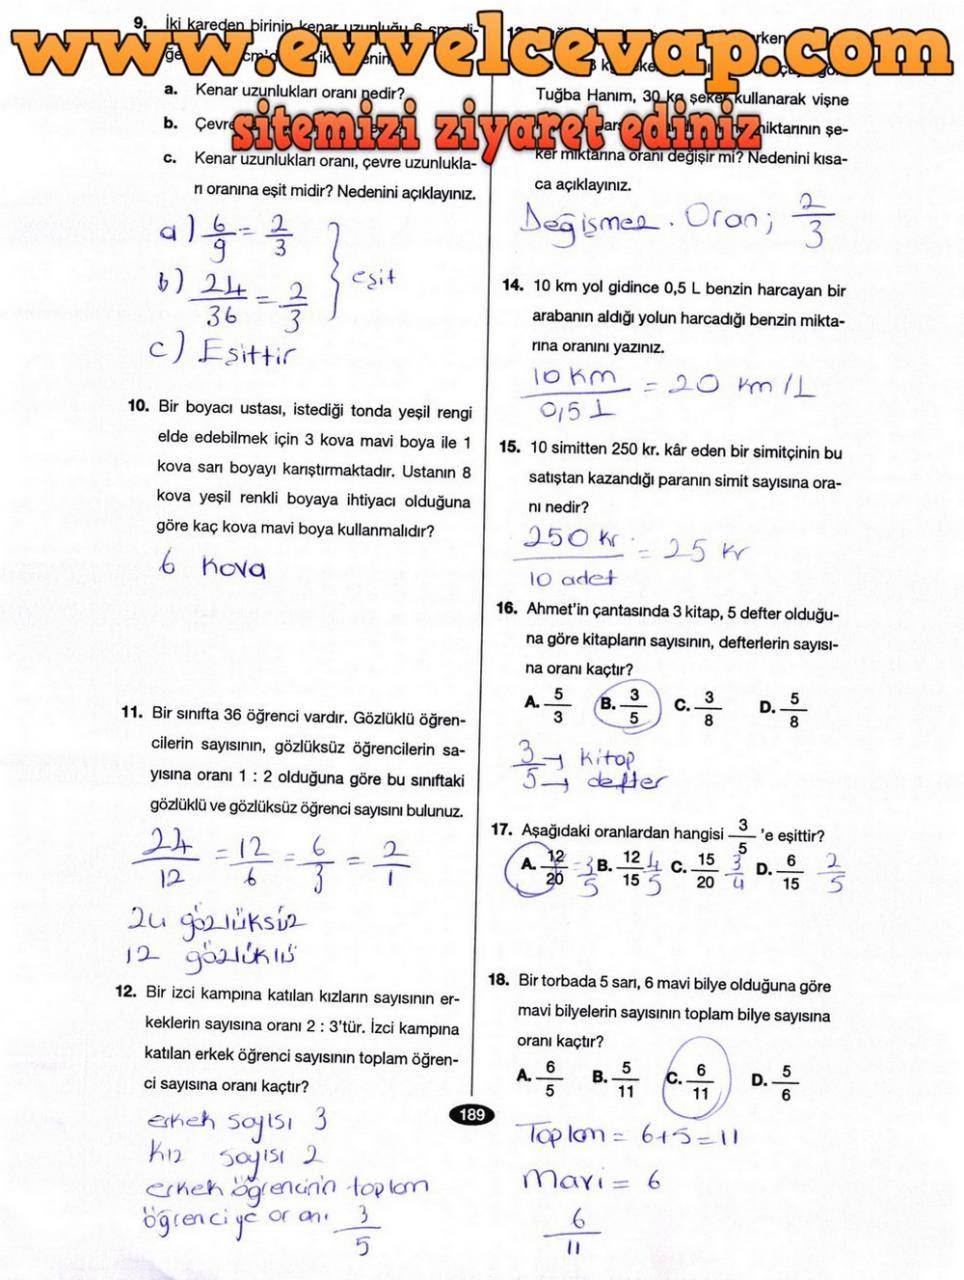 6 Sınıf Matematik Berkay Yayınları Ders Kitabı Cevapları Sayfa 189